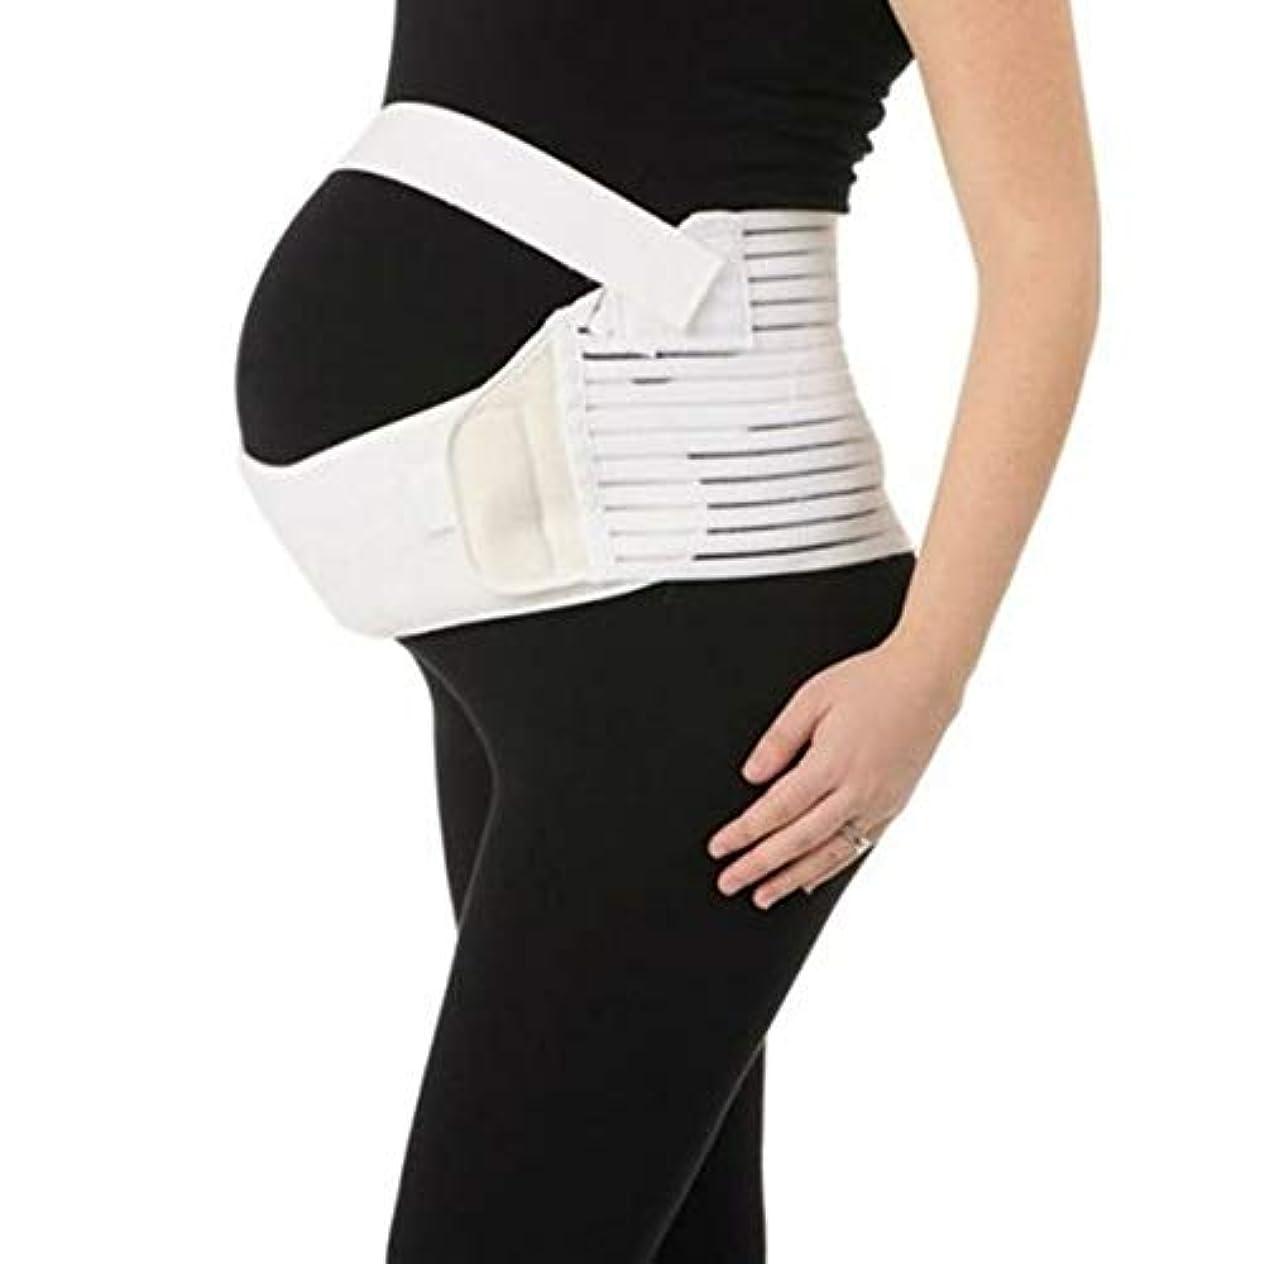 はっきりしないインテリア永久通気性マタニティベルト妊娠腹部サポート腹部バインダーガードル運動包帯産後の回復shapewear - ホワイトL